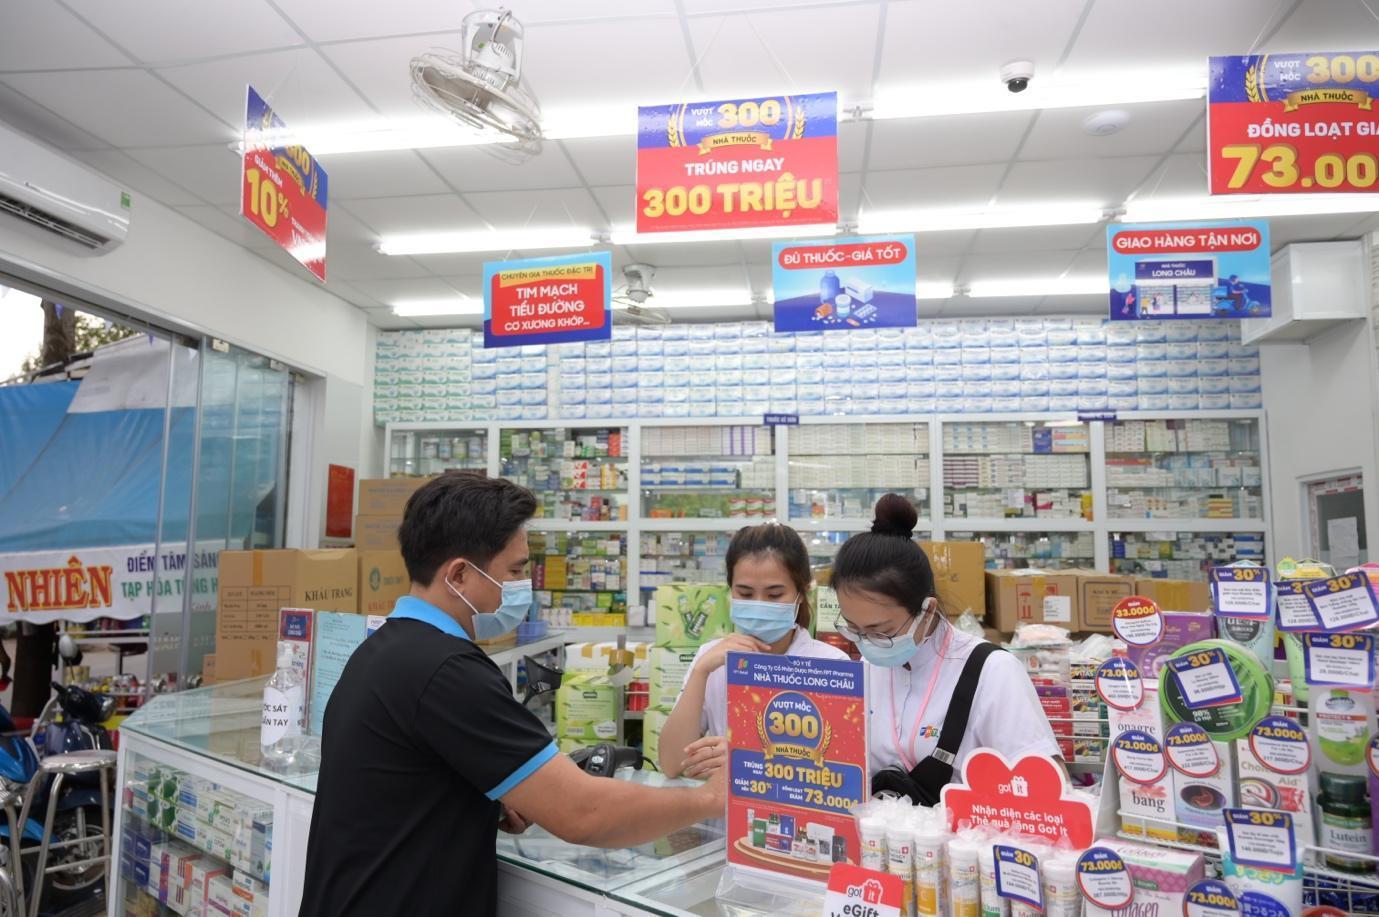 Hệ thống nhà thuốc FPT Long Châu bứt phá mở thêm 100 nhà thuốc trong vòng 6 tháng - Ảnh 2.